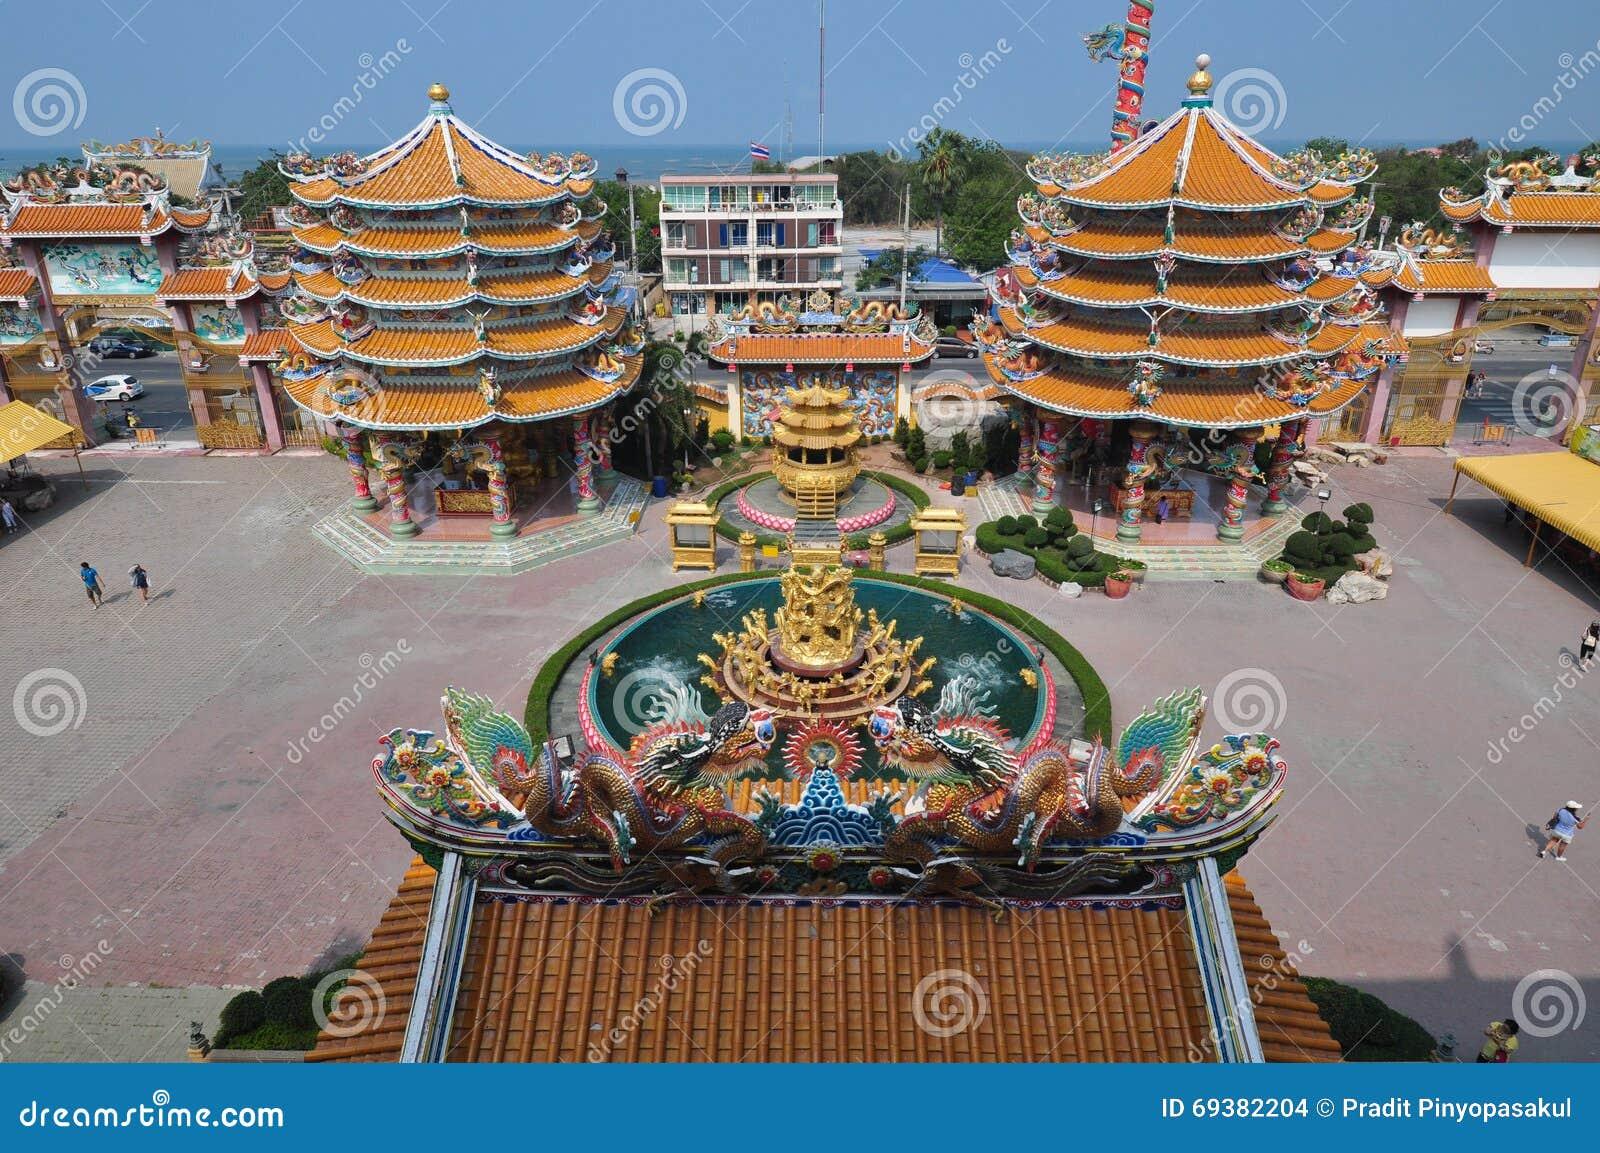 未知的游人在春武里市,泰国参拜中国人寺庙